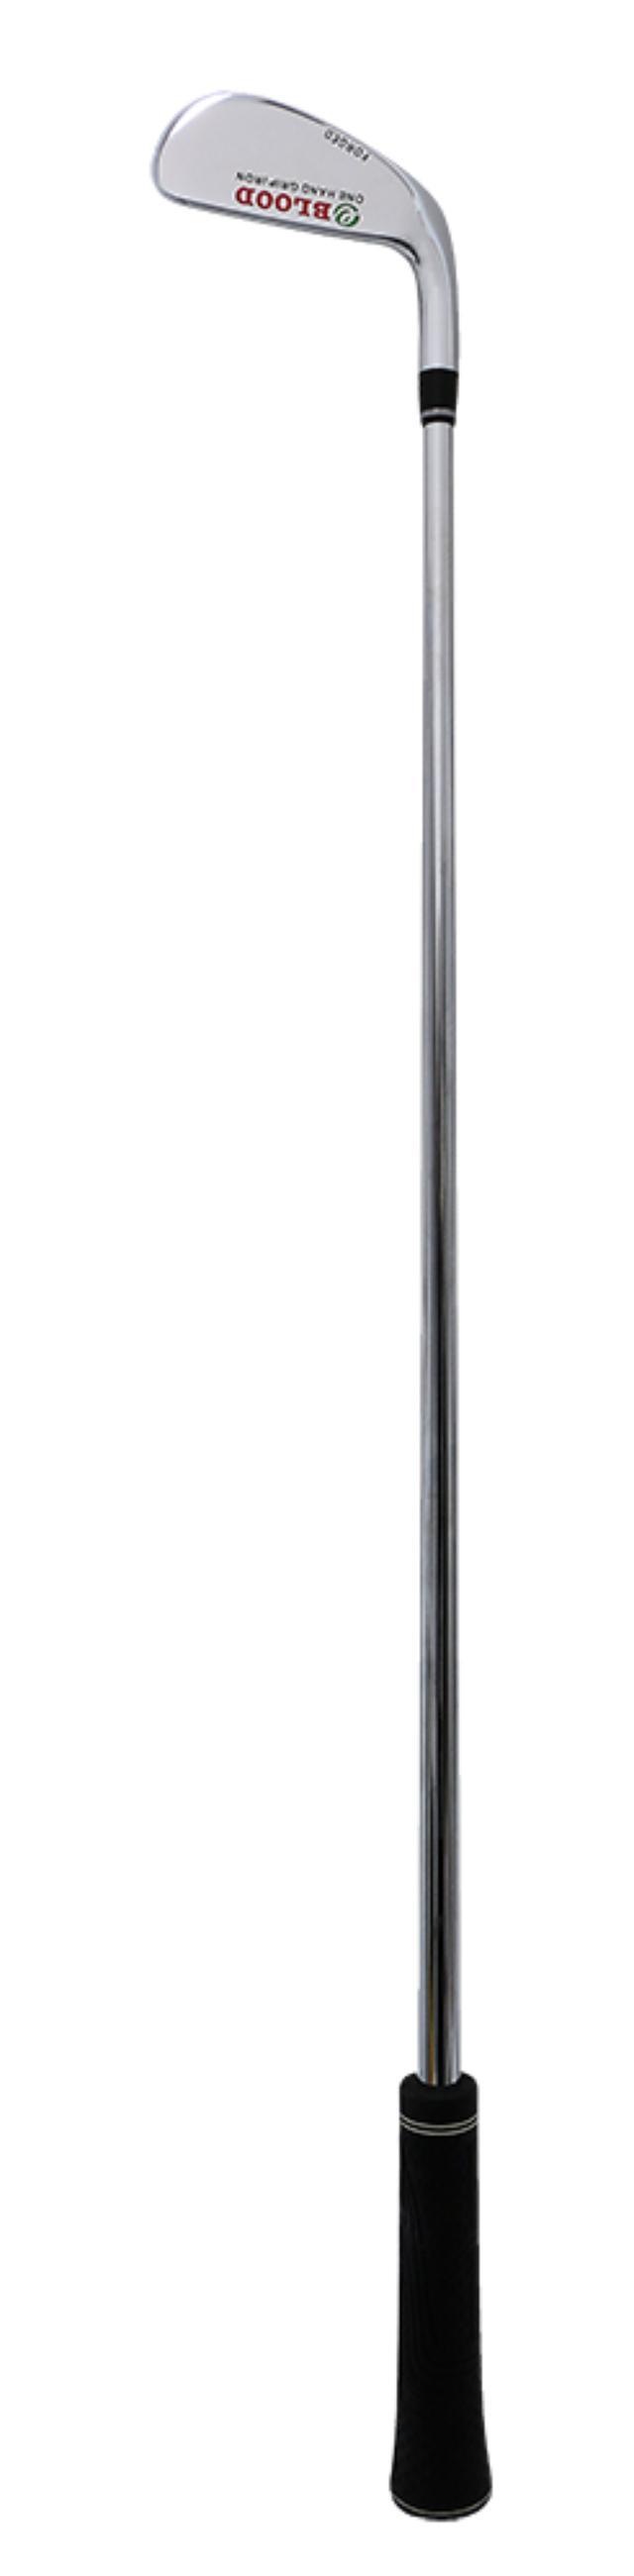 画像: 江連忠プロ考案のワンハンドグリップアイアン。グリップが太くて短いから手で操作しなくなる。クラブが短くて重いので体主体のスウィングが身に付く